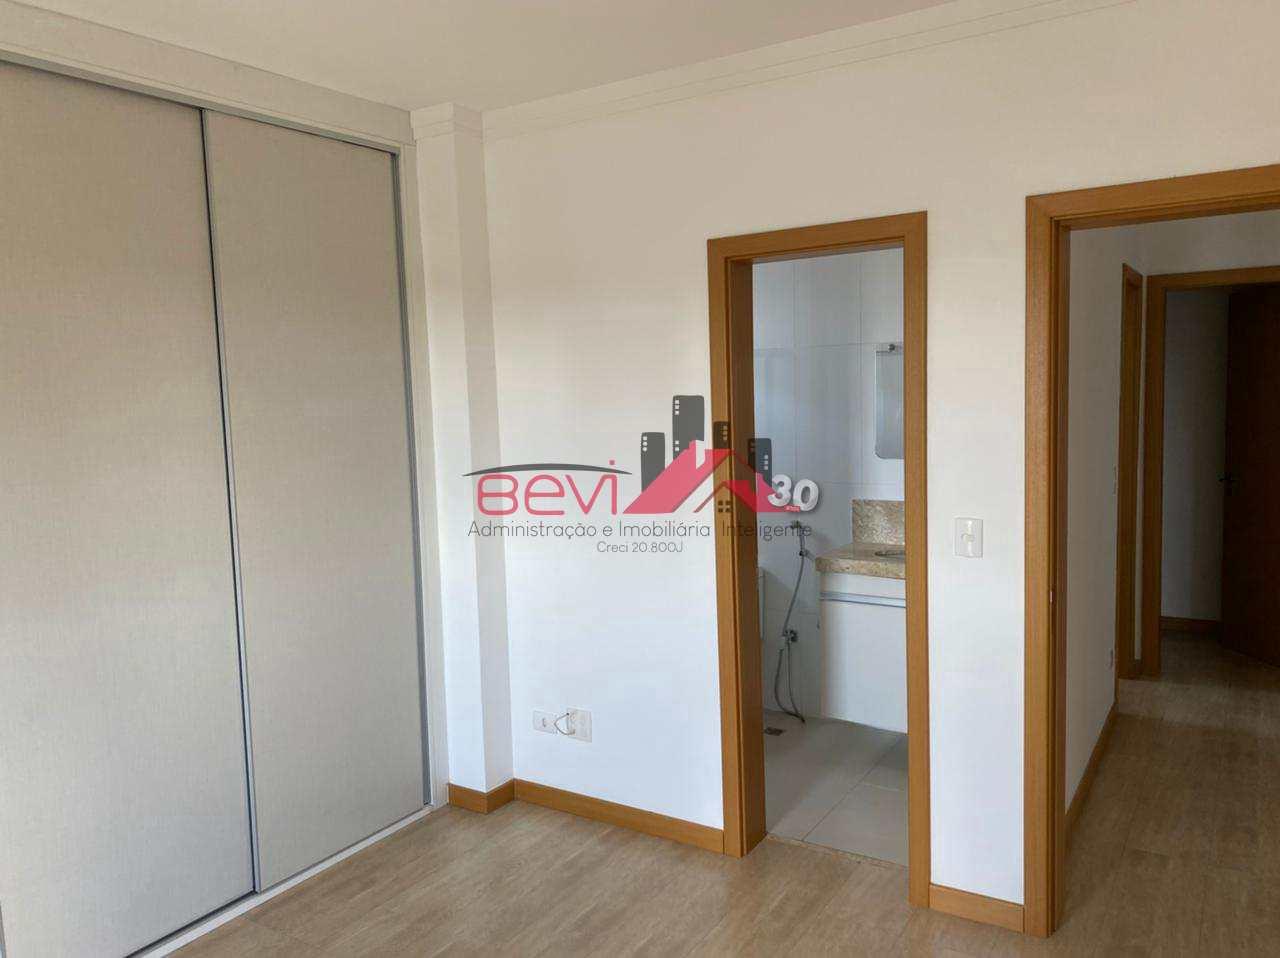 Apartamento com 3 dorms, Vila Monteiro, Piracicaba - R$ 650 mil, Cod: 5679